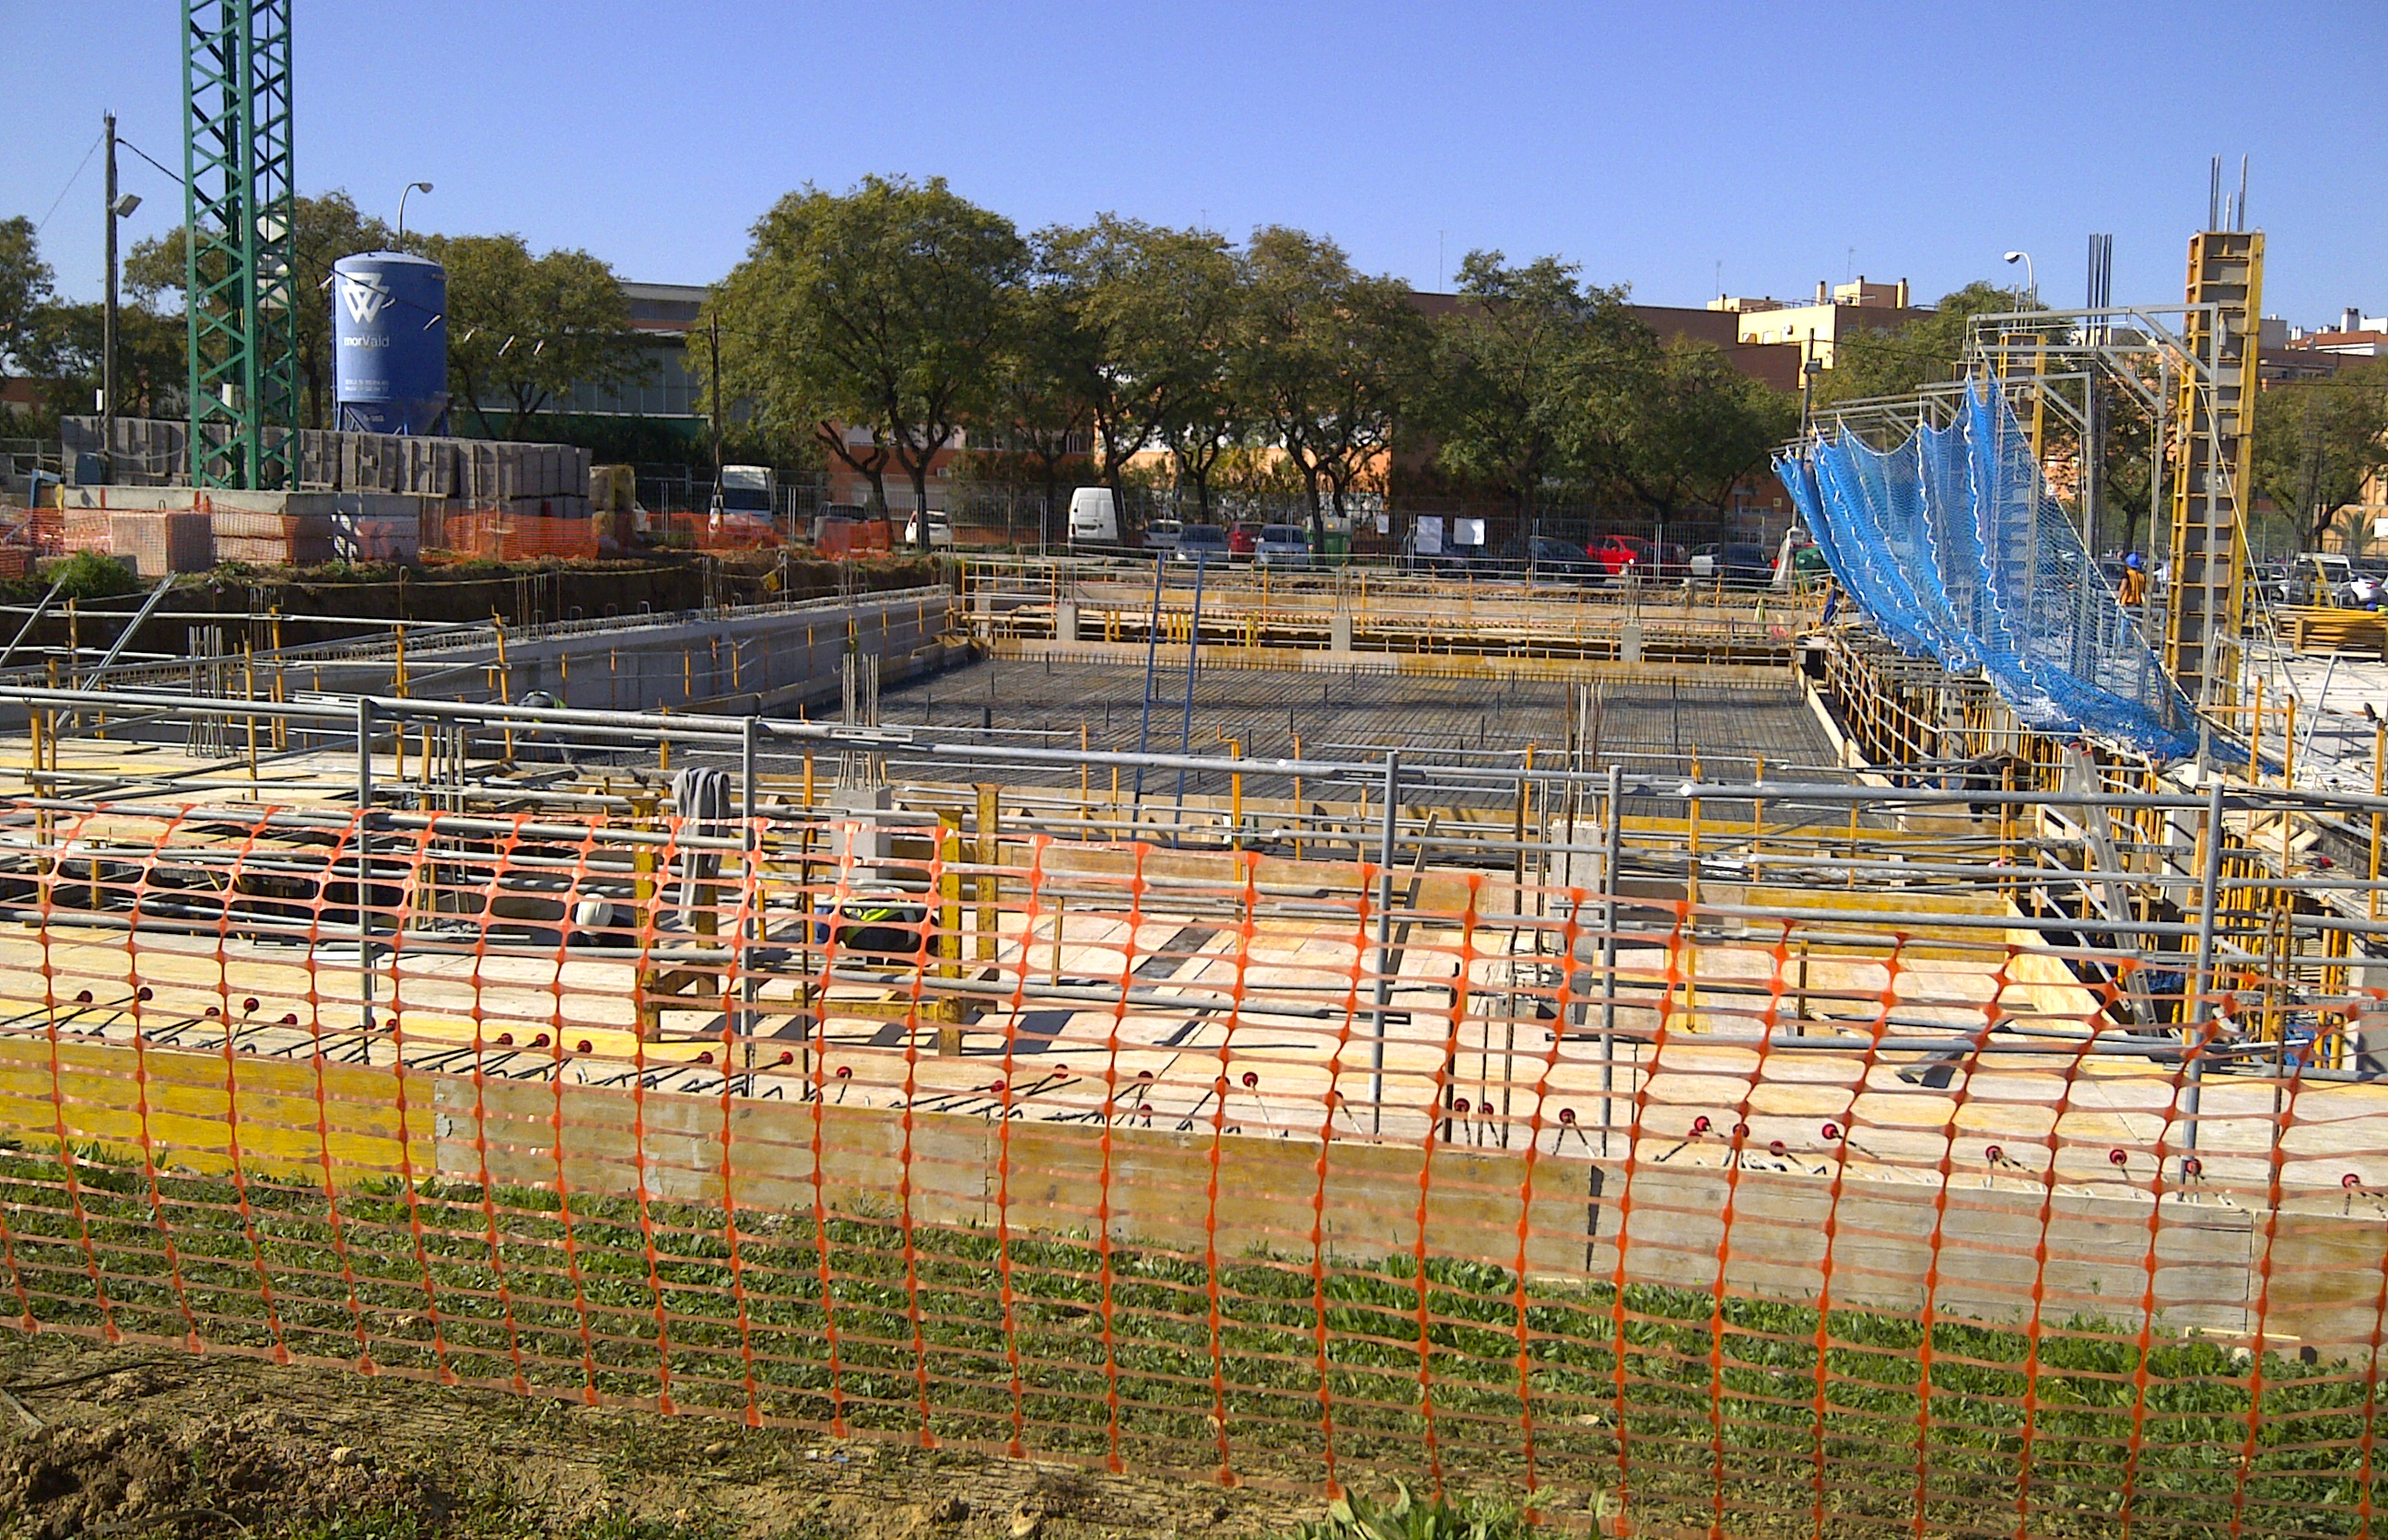 Avanzan las obras en los nuevos centros supera de talavera valdemoro y sevilla centro supera - Pisos nuevos en sevilla este ...